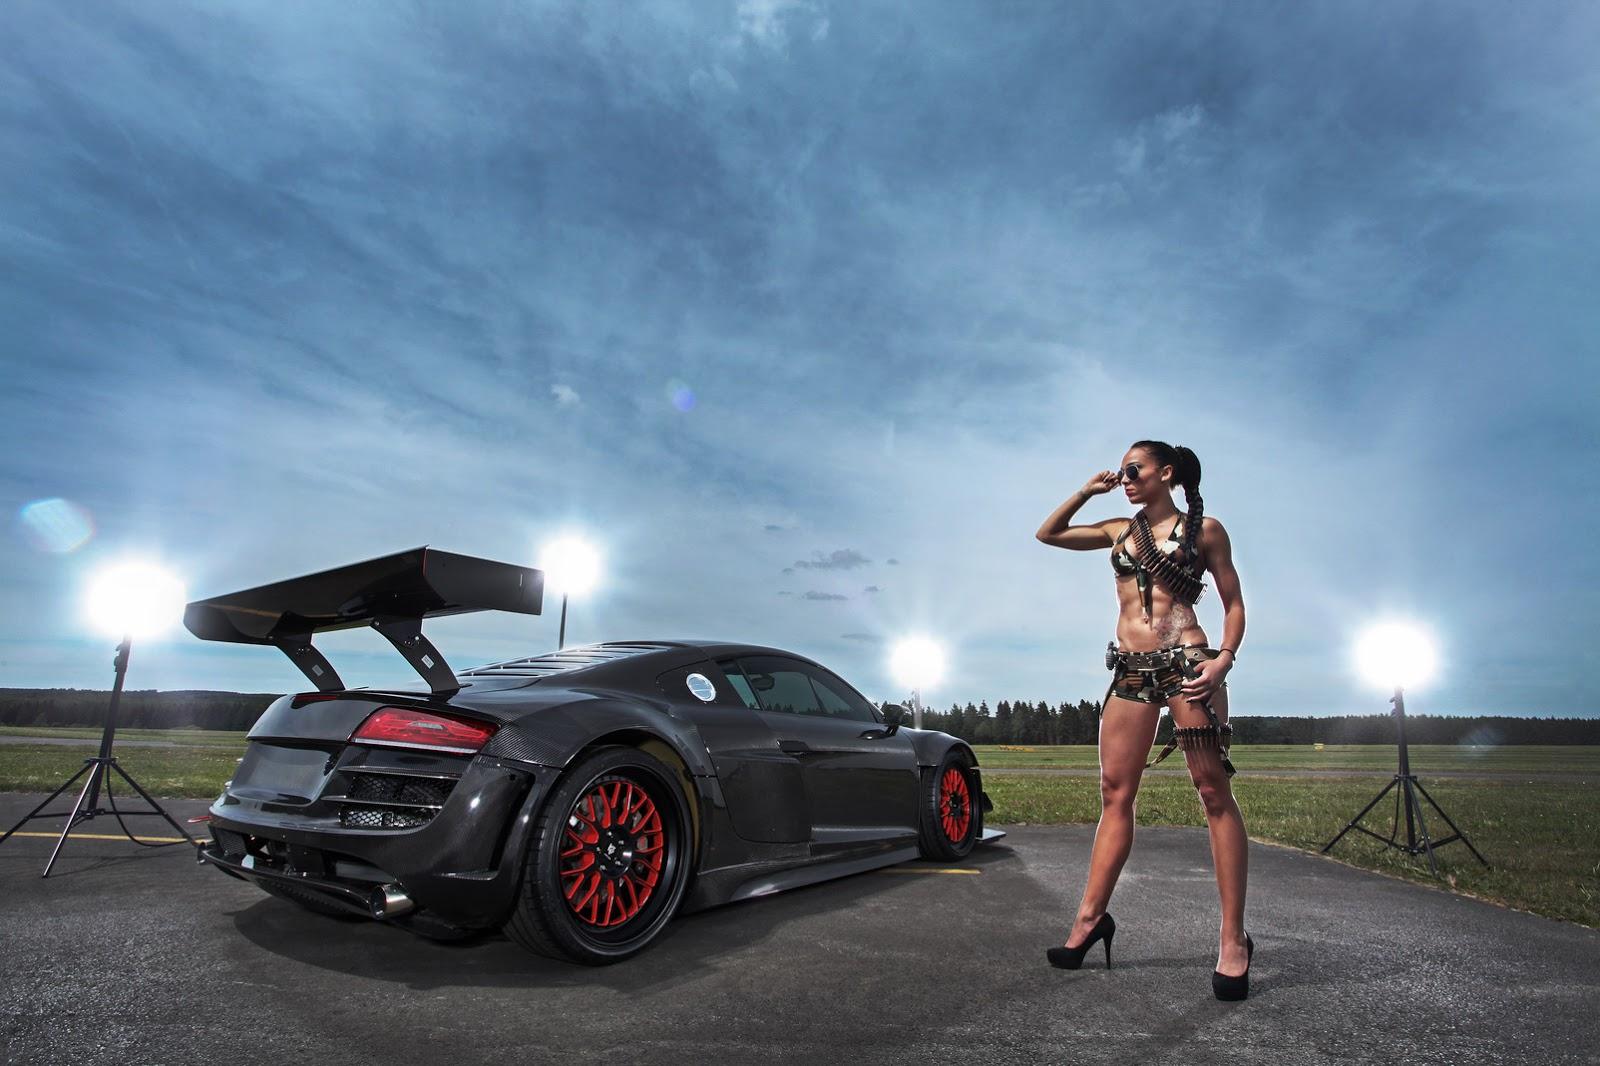 Audi R V Plus Gets A HP Makeover Complete With Carbon Fiber - Audi r8 v10 plus